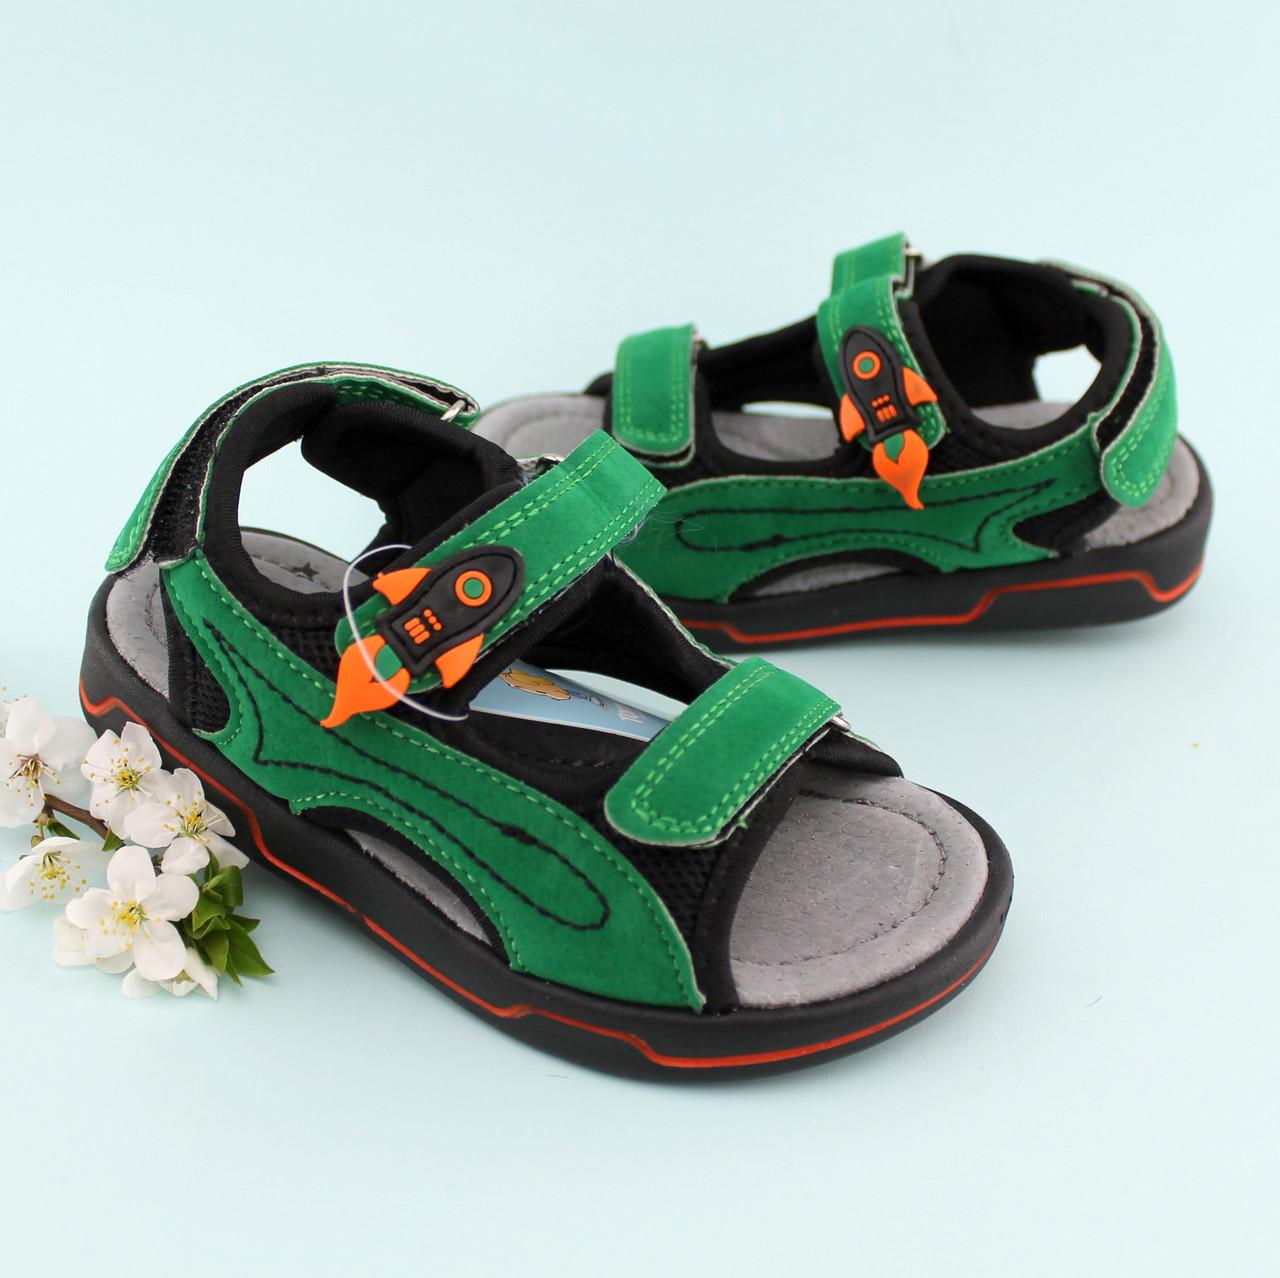 c2611a234 Босоножки мальчику две липучки спортивные Зеленый Том.м размер 20,21 -  BonKids -